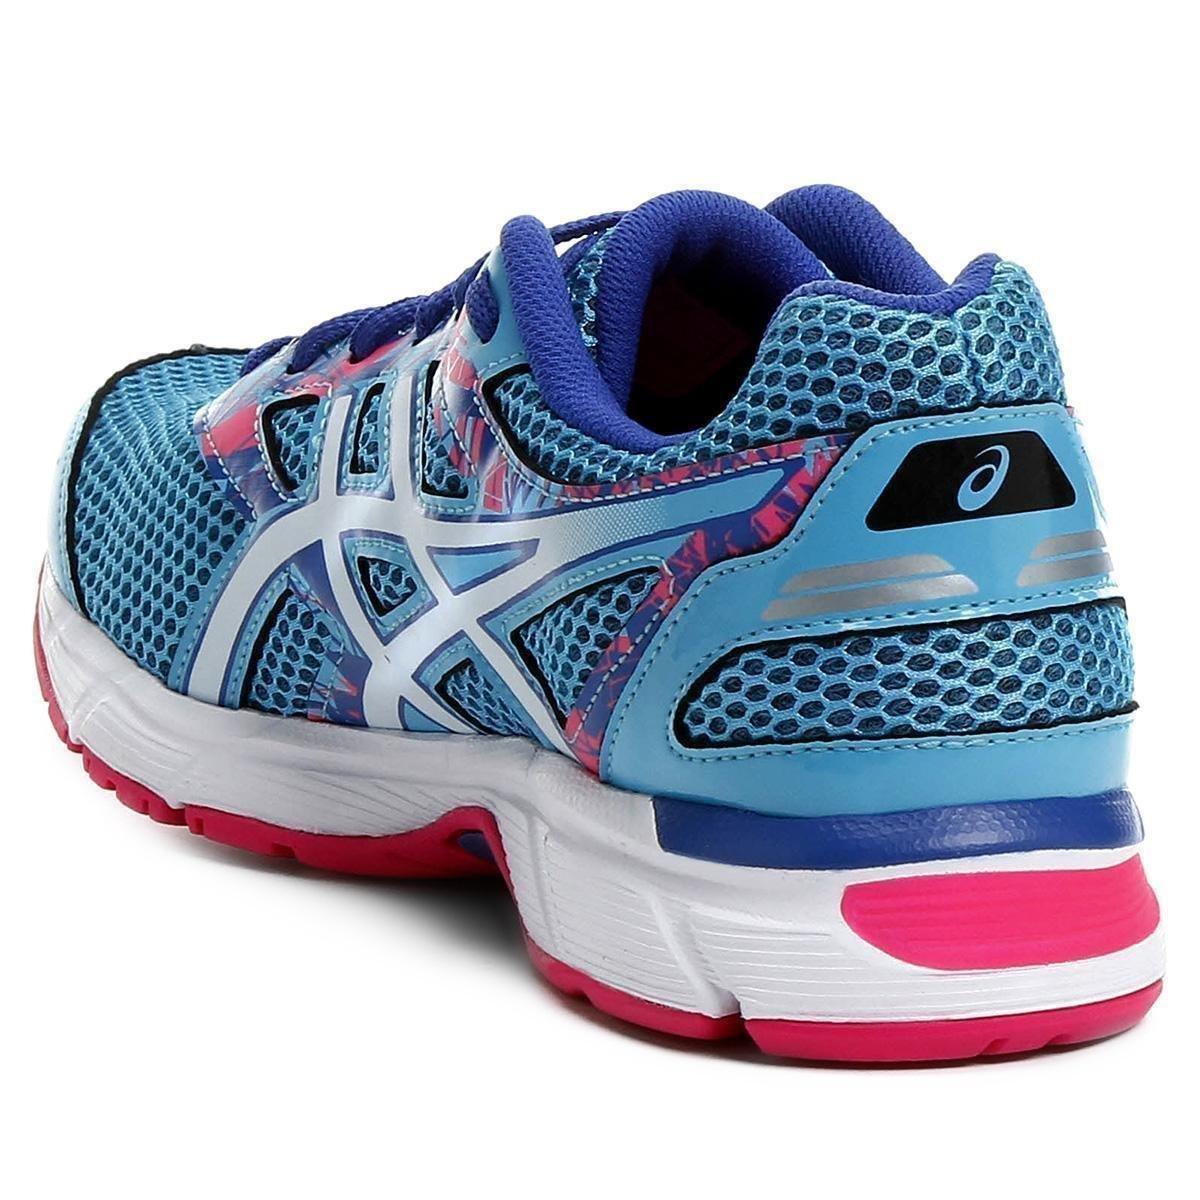 Tênis Asics GEL Excite 4 Feminino - Azul e Rosa - Compre Agora  5ac16a989b588